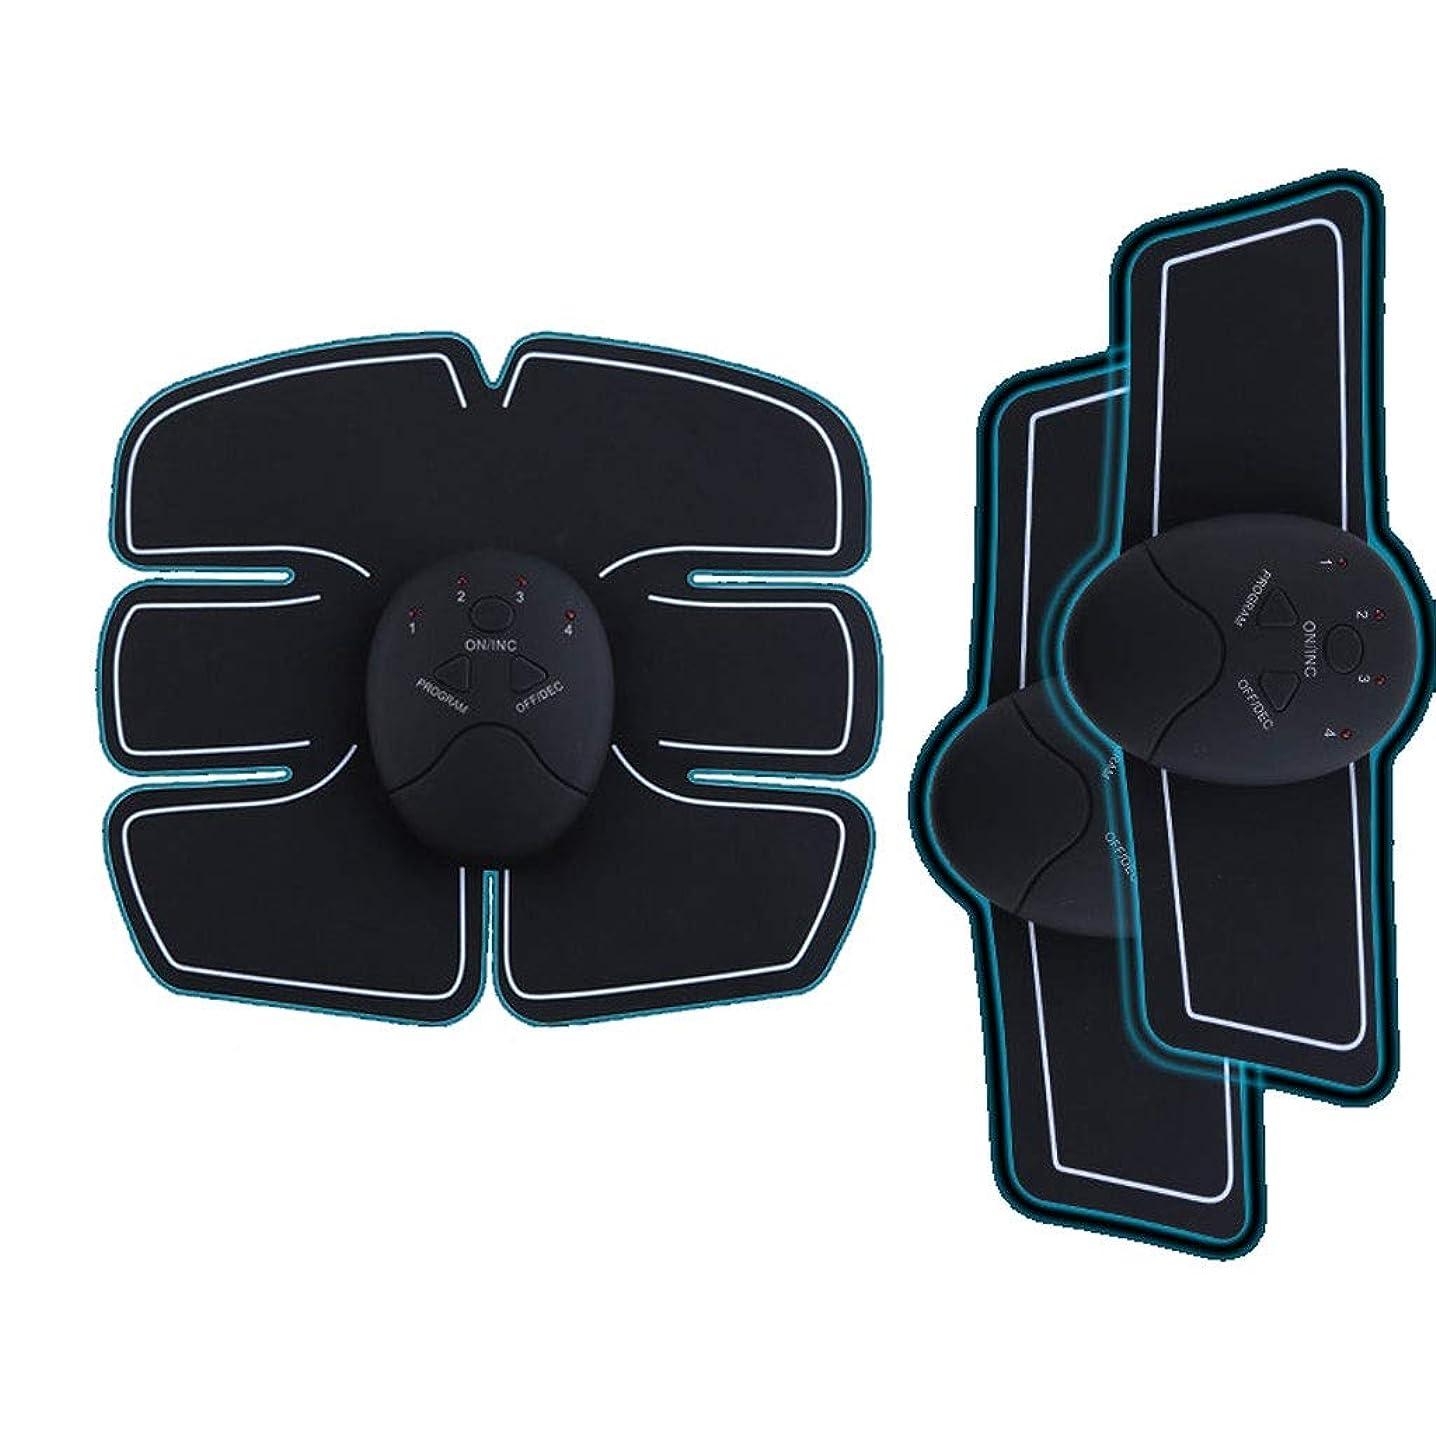 カーテンすぐにシンジケートEMS AbsトレーナーAbベルト、腹部調色ベルト、腹筋刺激装置、ABSマシンAbベルト調色ジムワークアウトマシン用男性&女性 (Size : 3 host set of stickers)